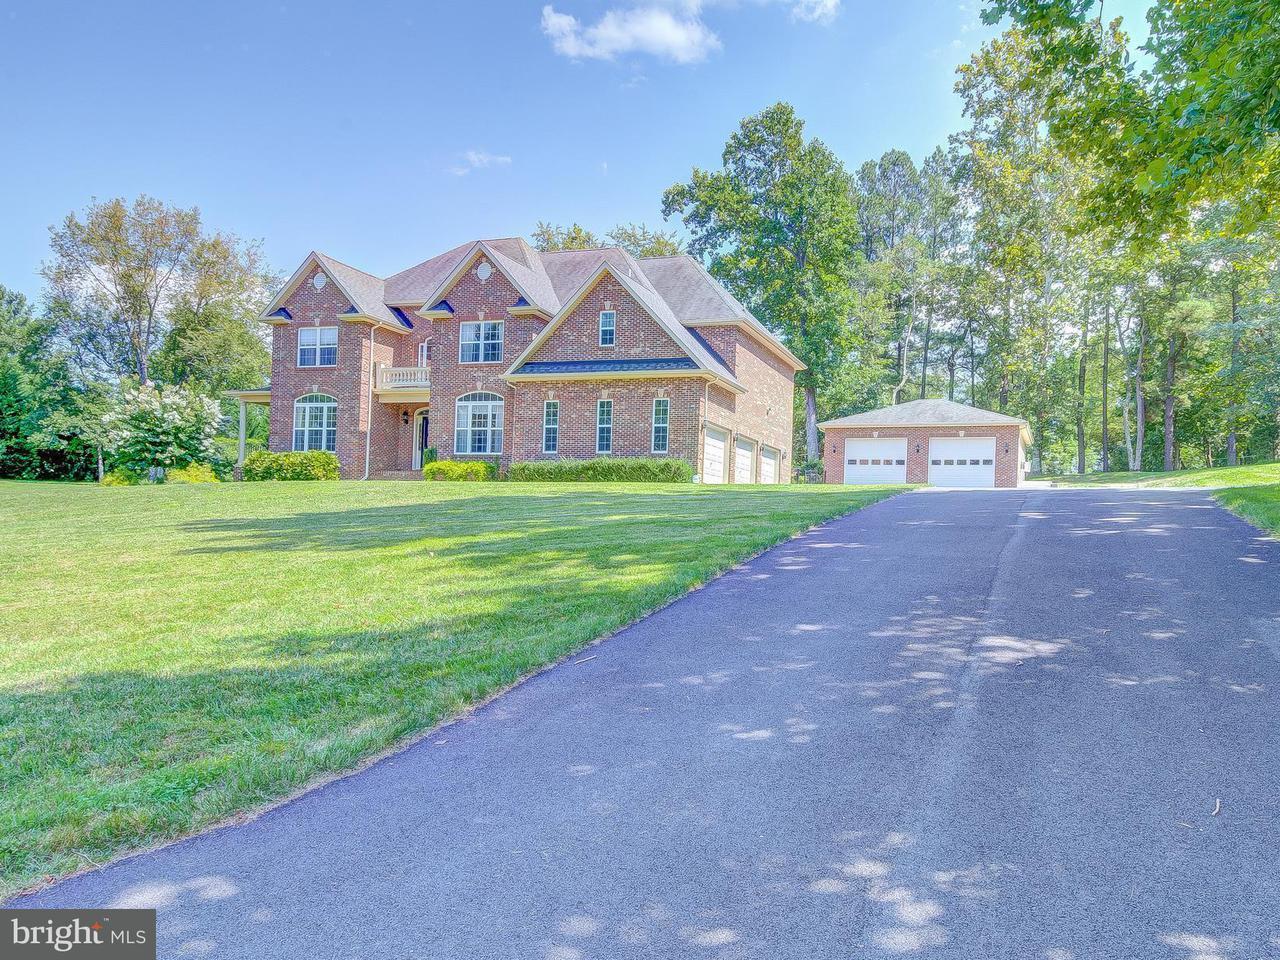 一戸建て のために 売買 アット 2602 Dogwood Lane 2602 Dogwood Lane Owings, メリーランド 20736 アメリカ合衆国